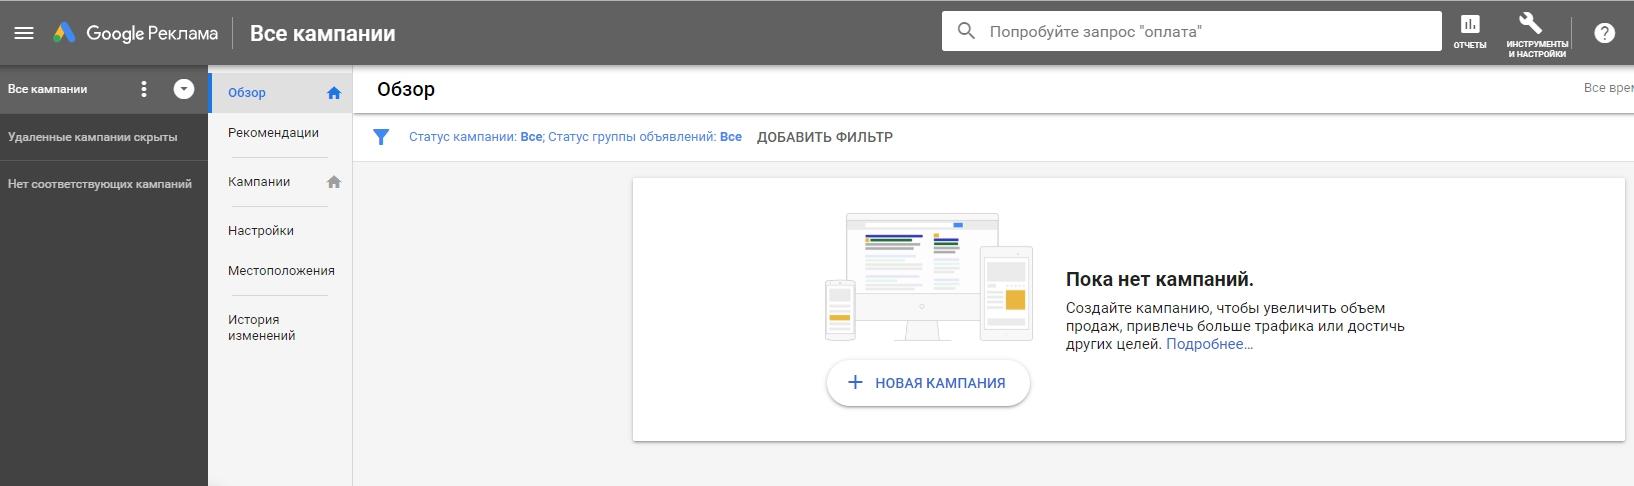 Настройка рекламы на поиске Google – переход в аккаунт Google Ads